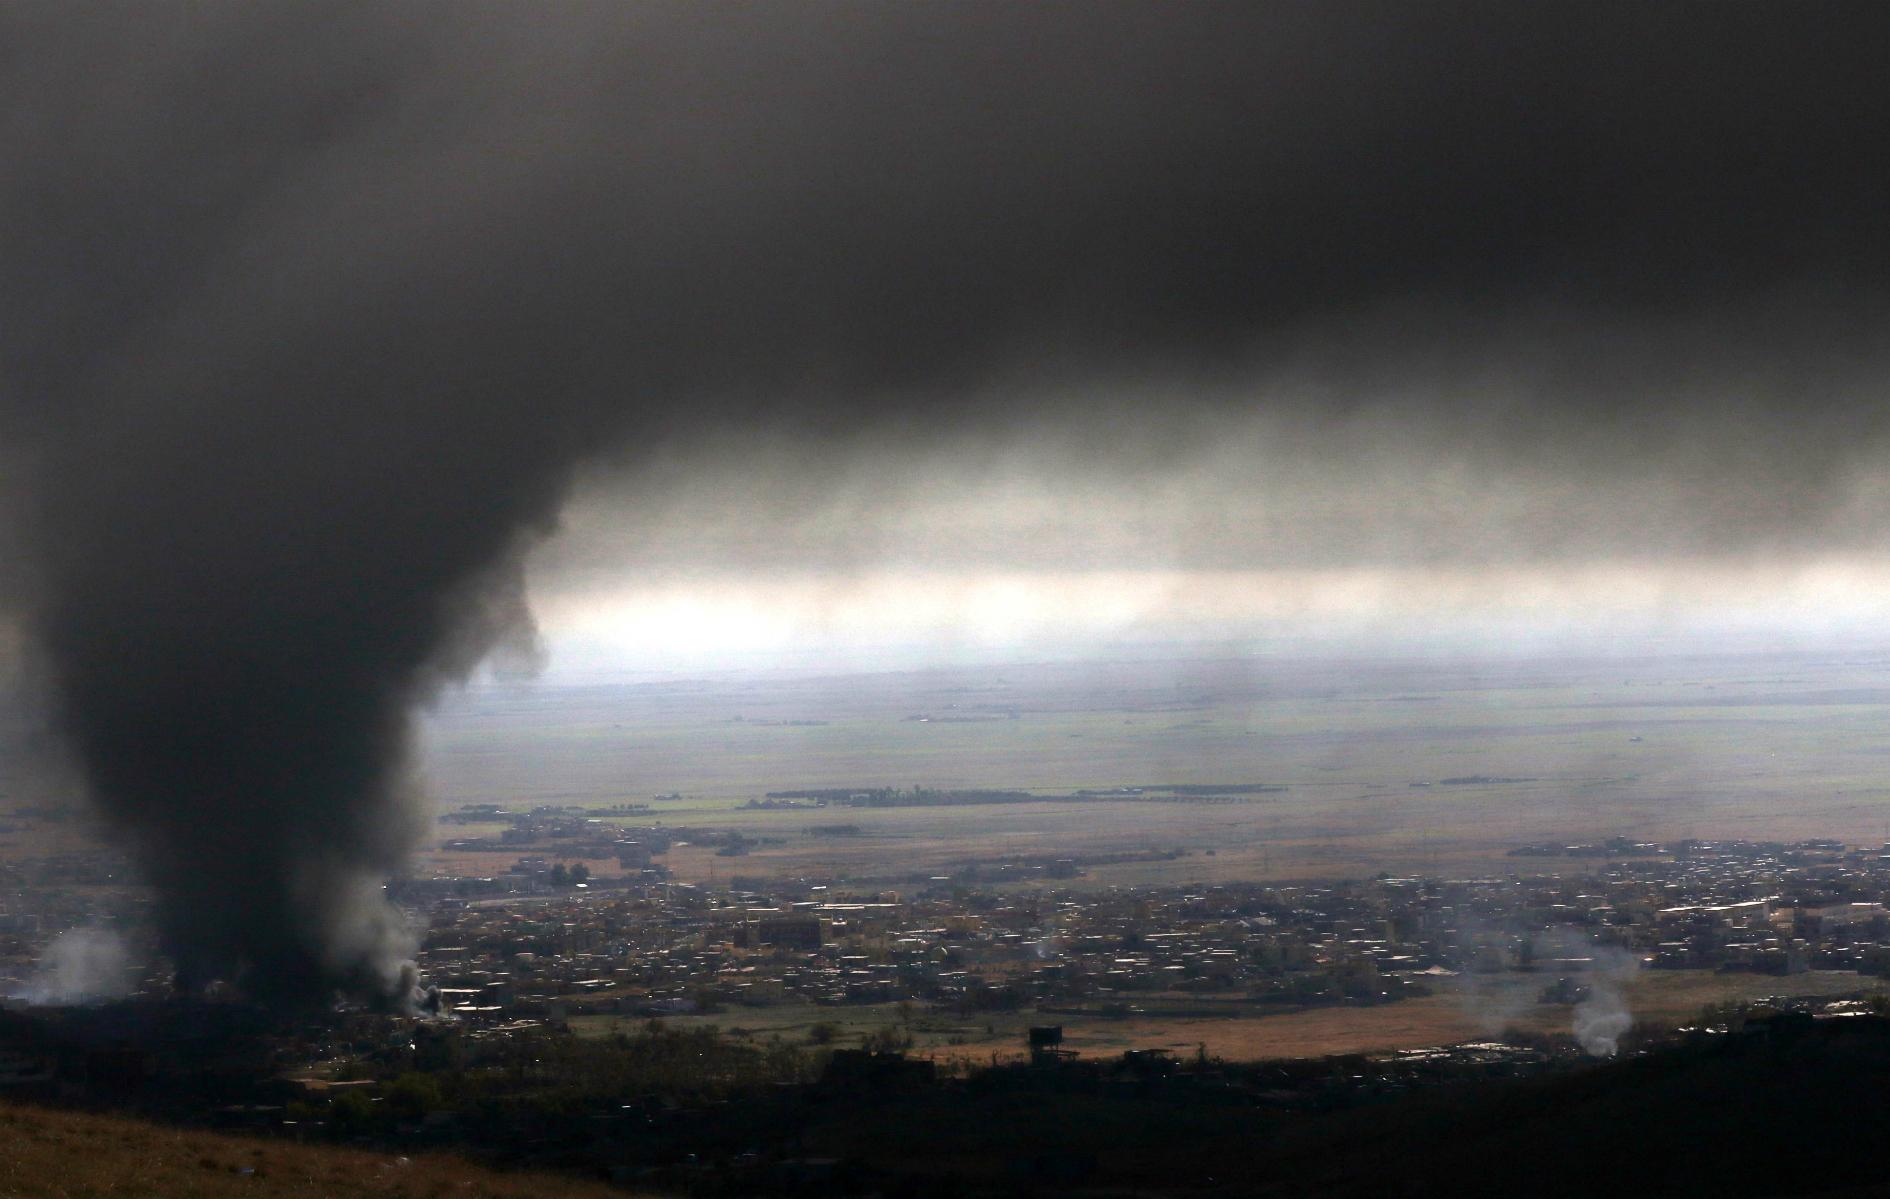 El humo denso cubre la norteña ciudad iraquí de Sinjar, durante una operación de las fuerzas kurdas iraquíes contra el Estado Islámico. AFP SAFIN HAMED